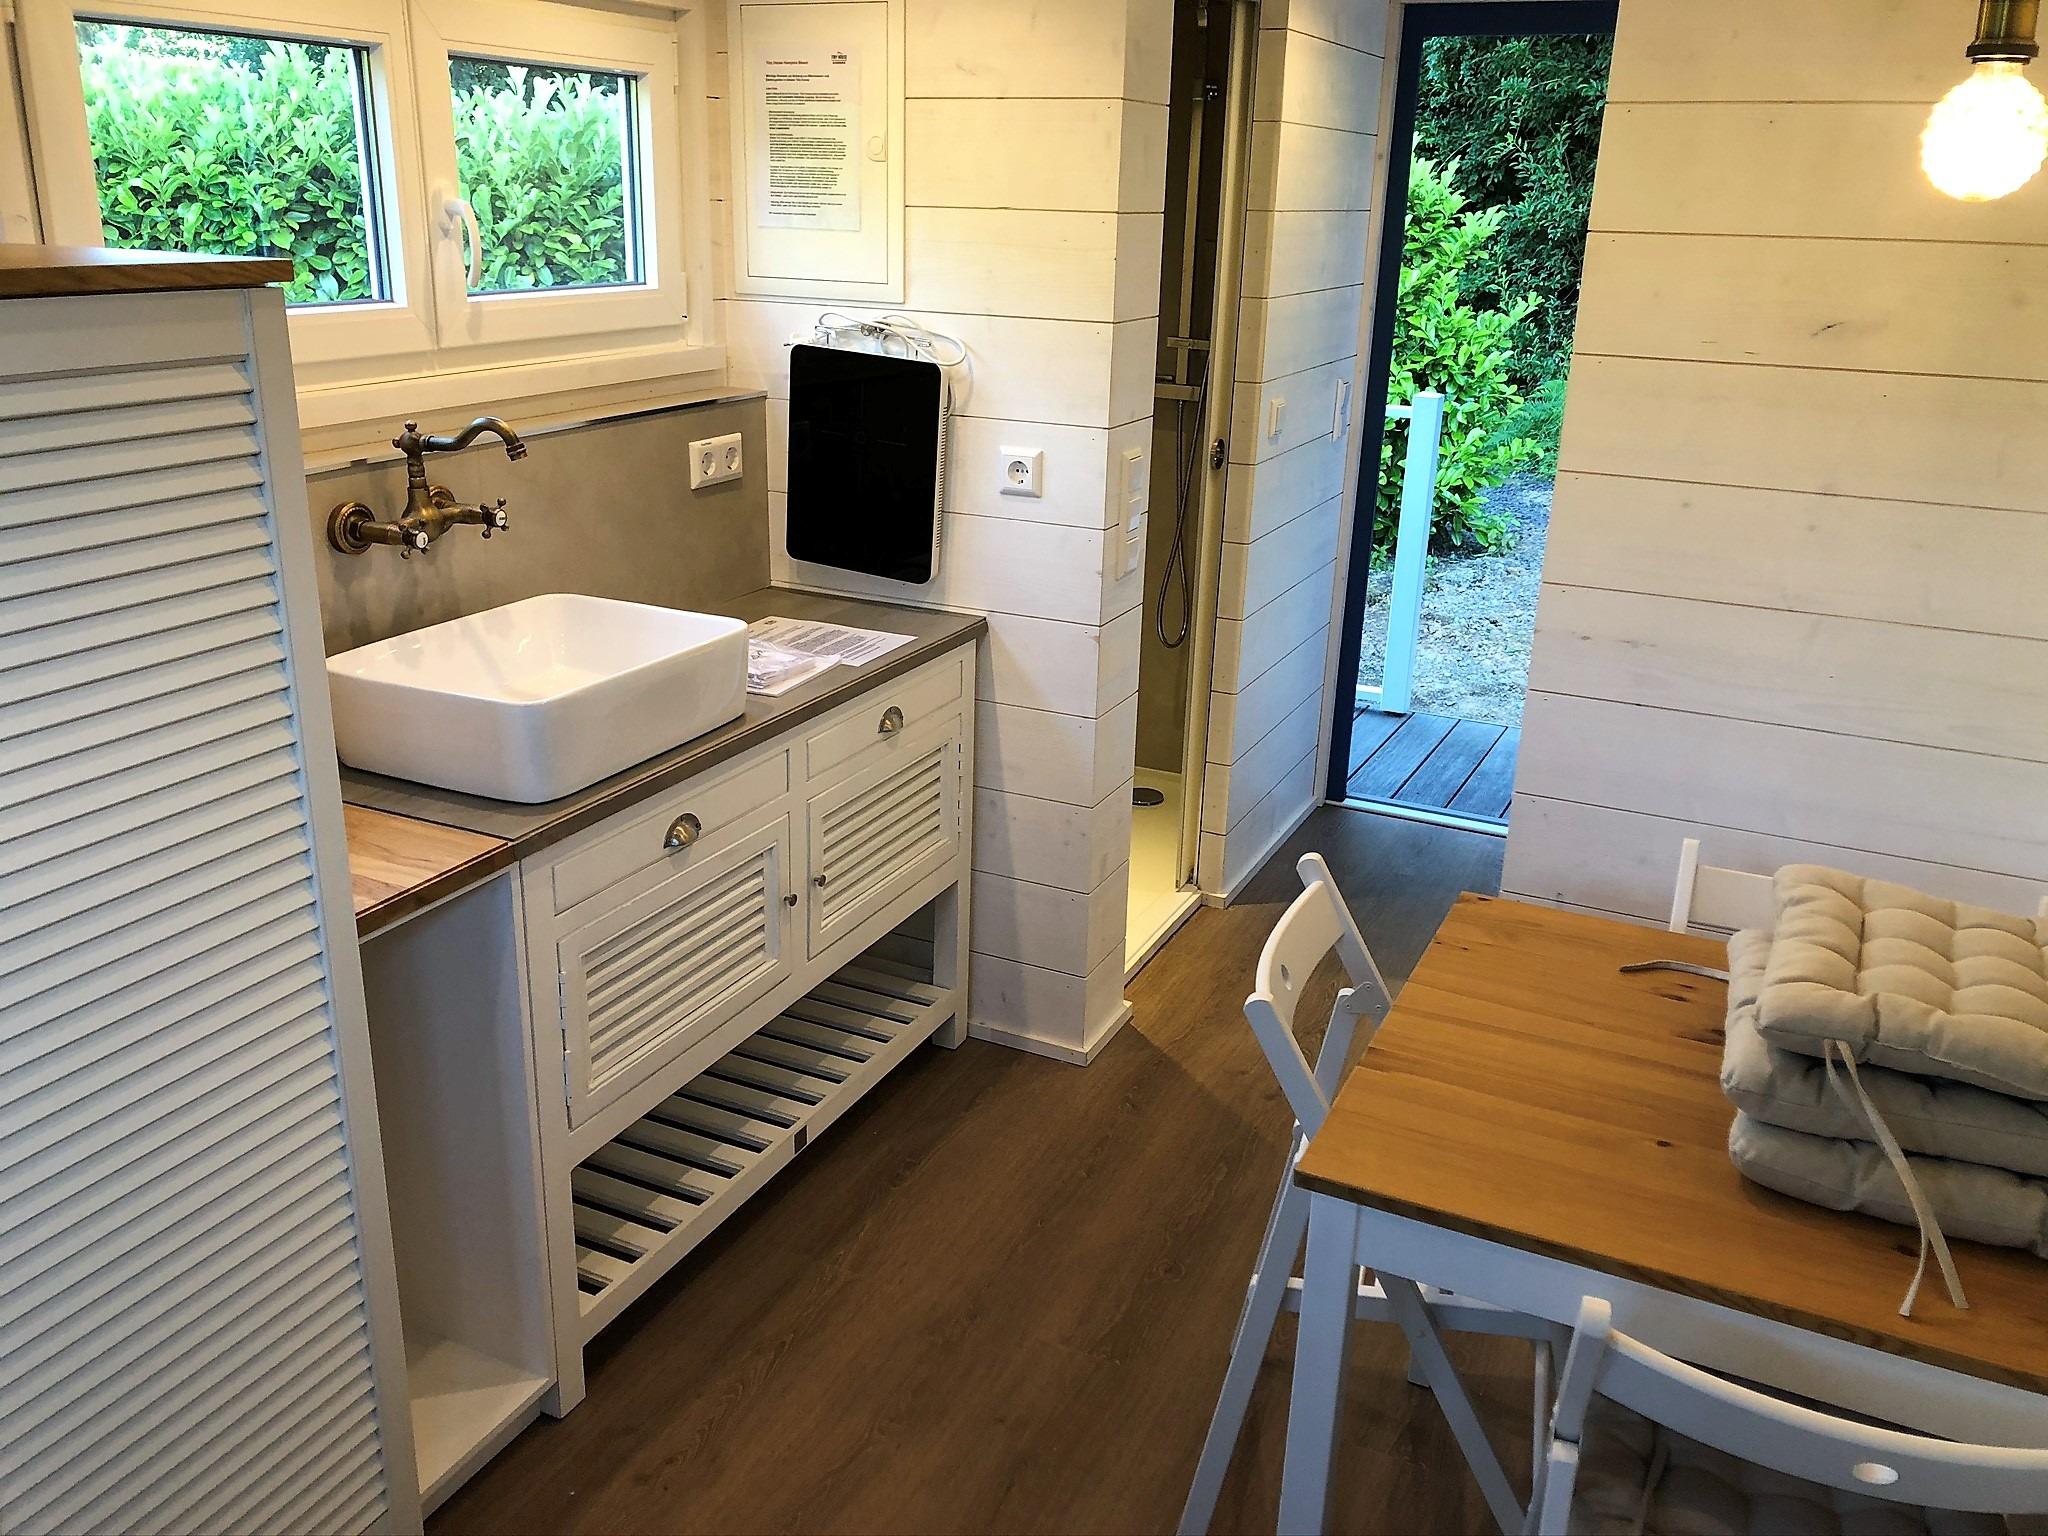 Die Küchenzeile mit großem Waschbecken und Kochplatten